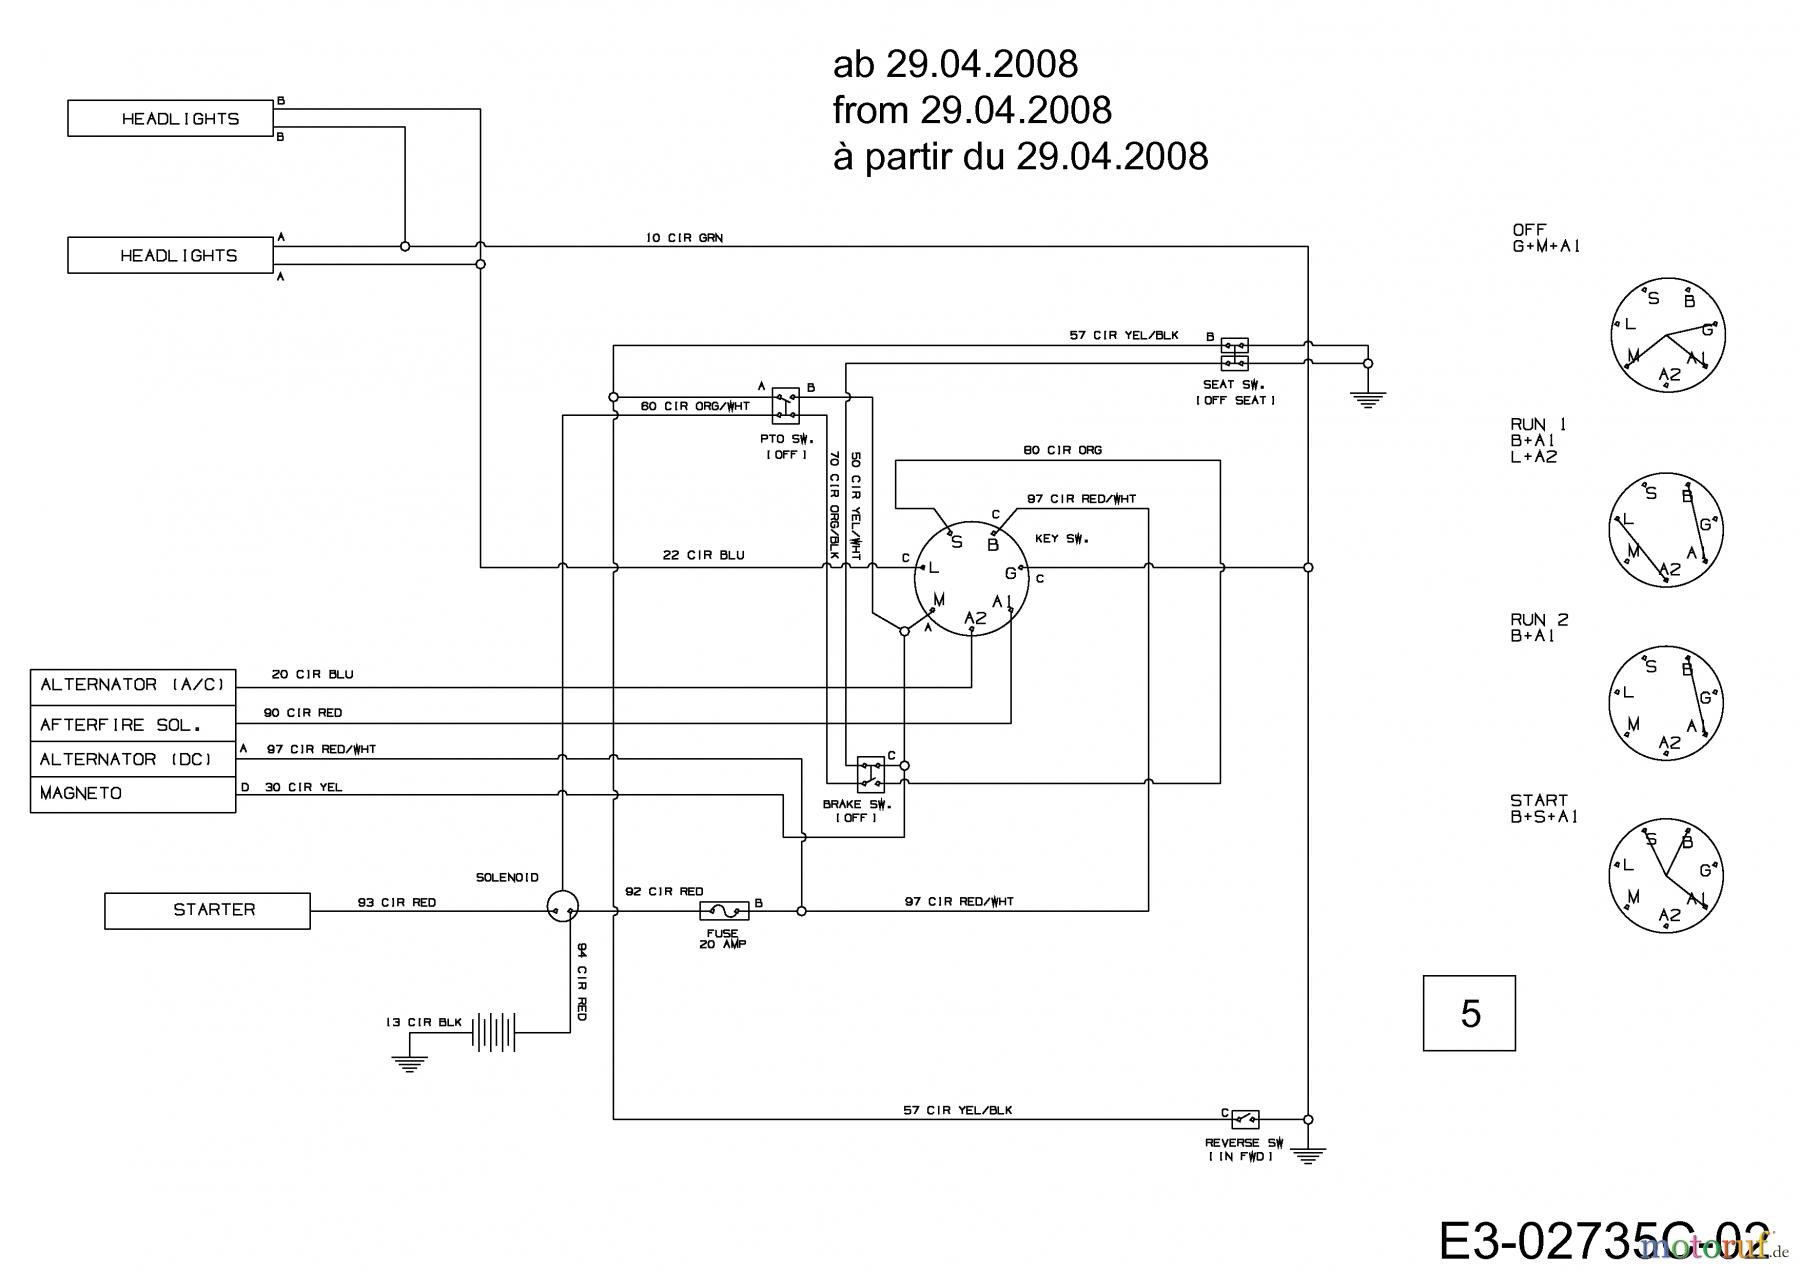 Craftsman Lt2000 247 288841 Wiring Diagram In - Wellread - Craftsman Lt2000 Wiring Diagram